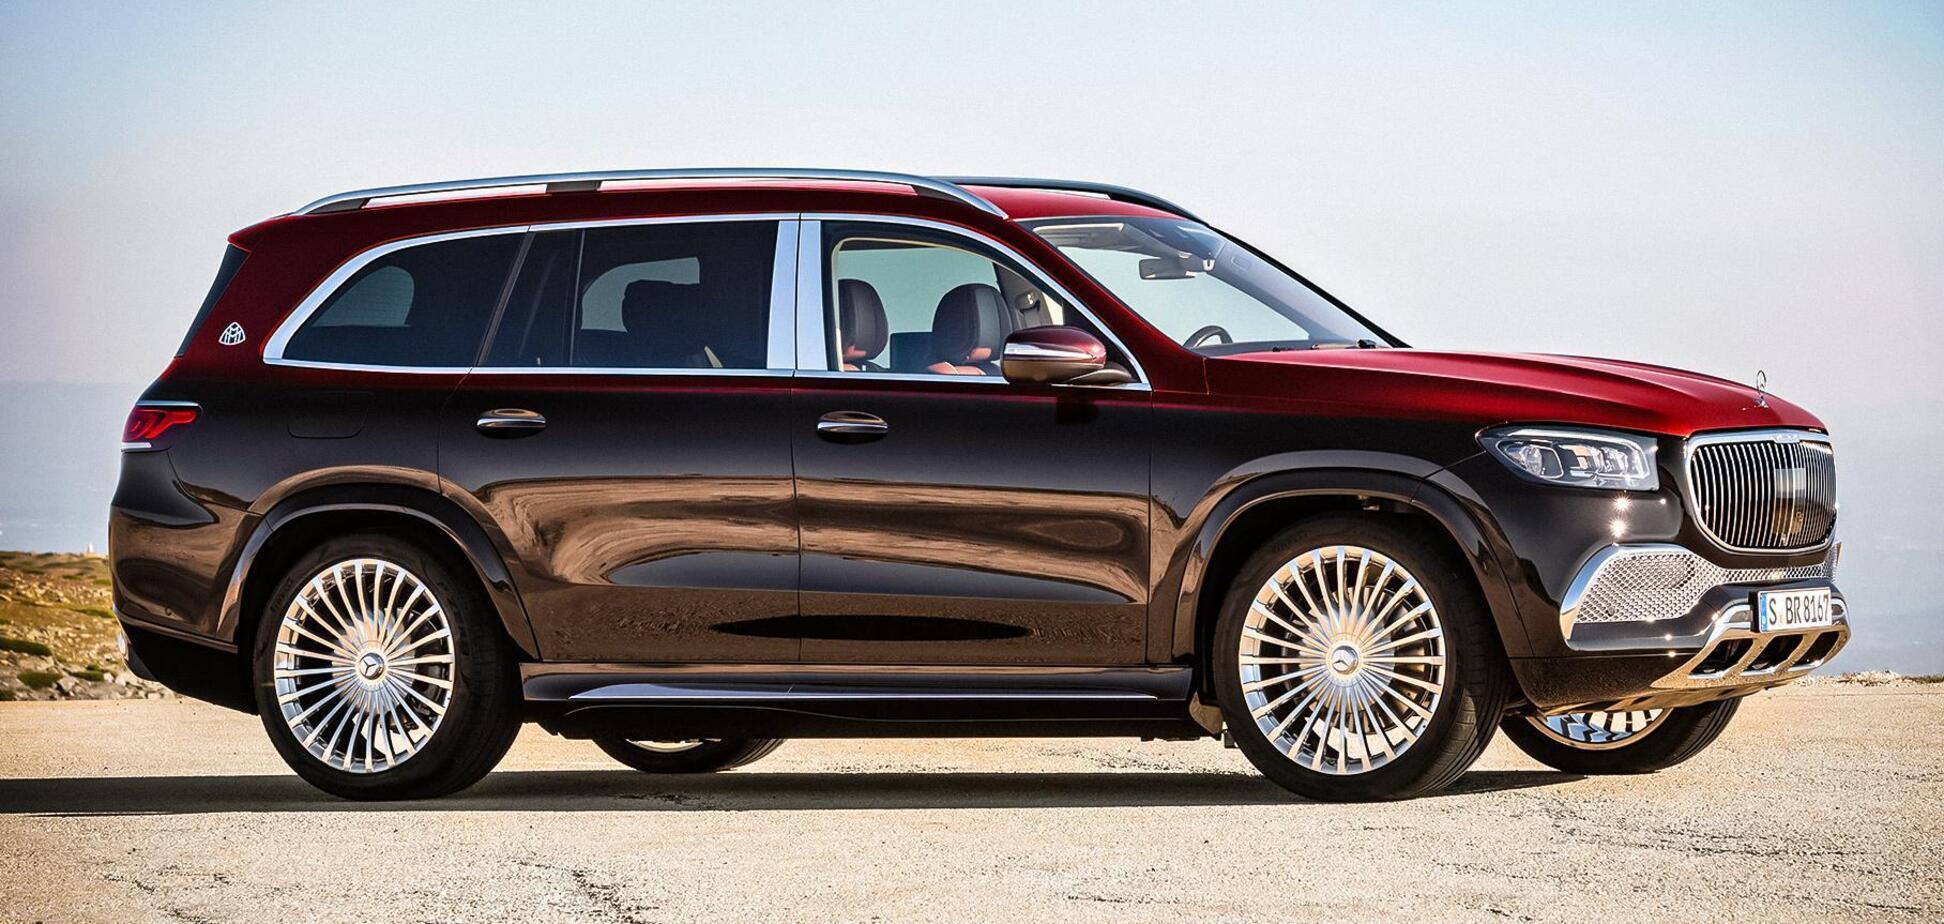 Украинцам предложили новый кроссовер Mercedes-Maybach за 160 000 евро